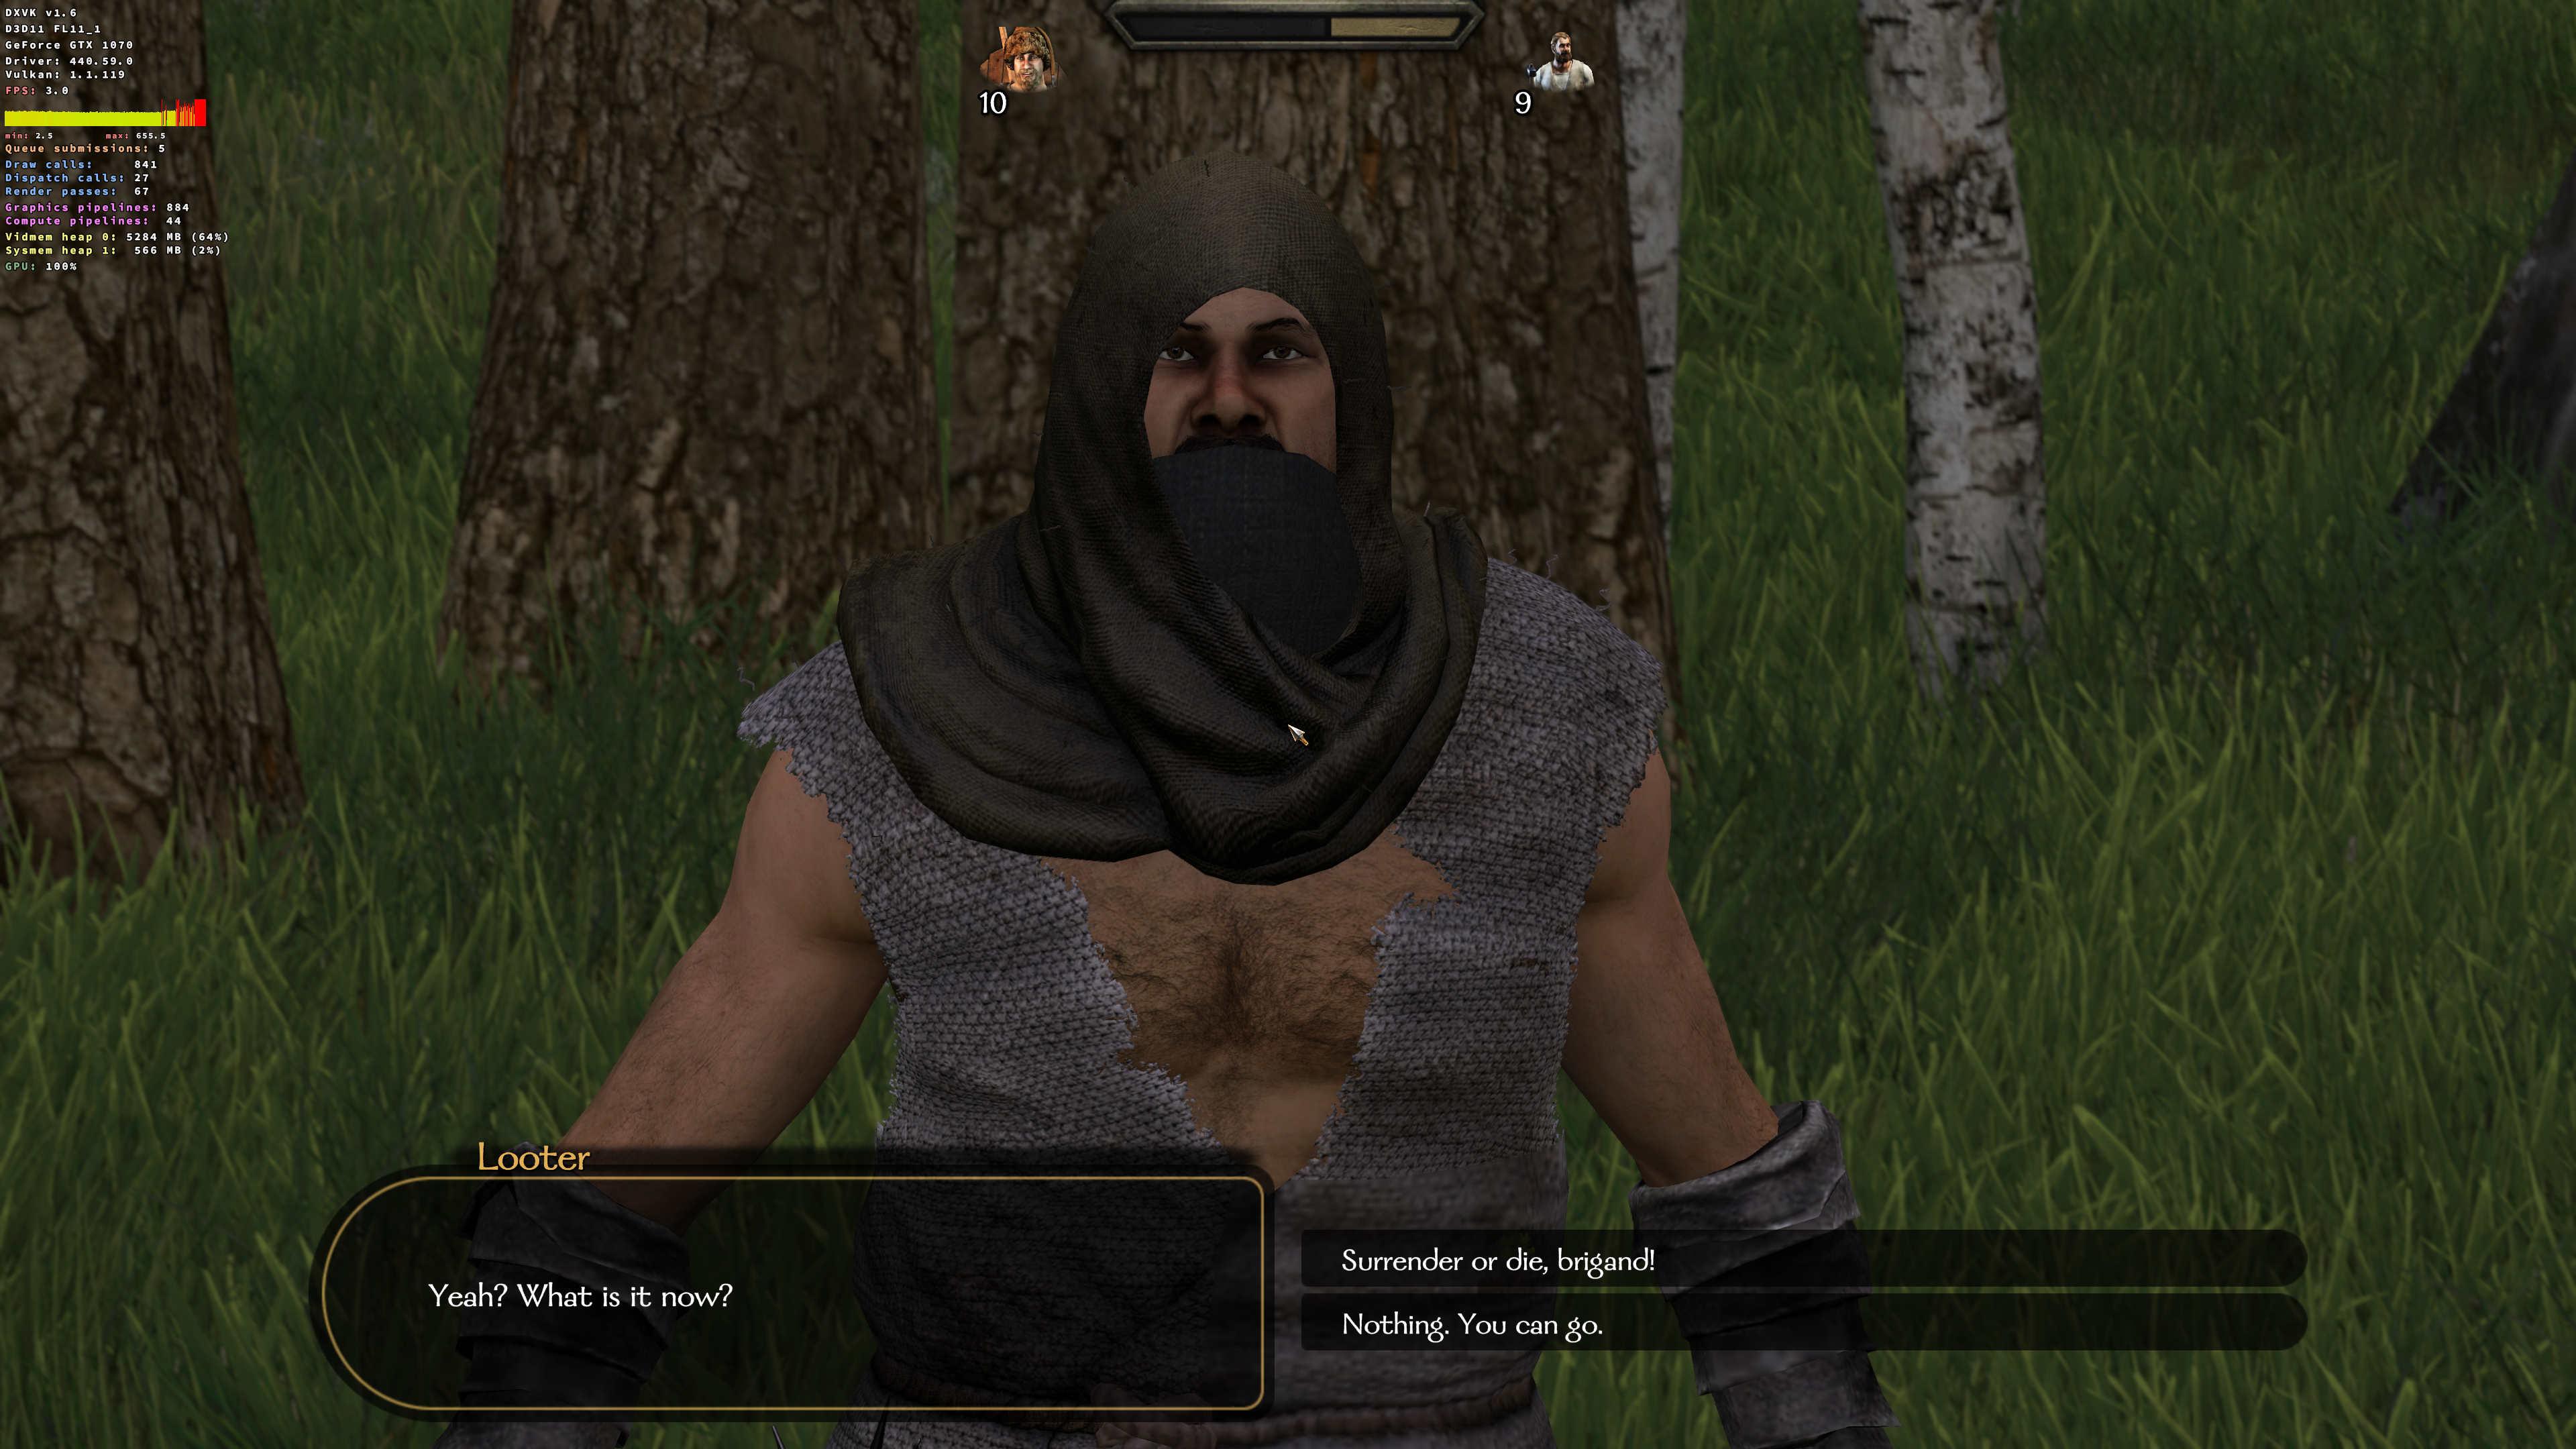 Screenshot from 2020-04-04 03-26-10